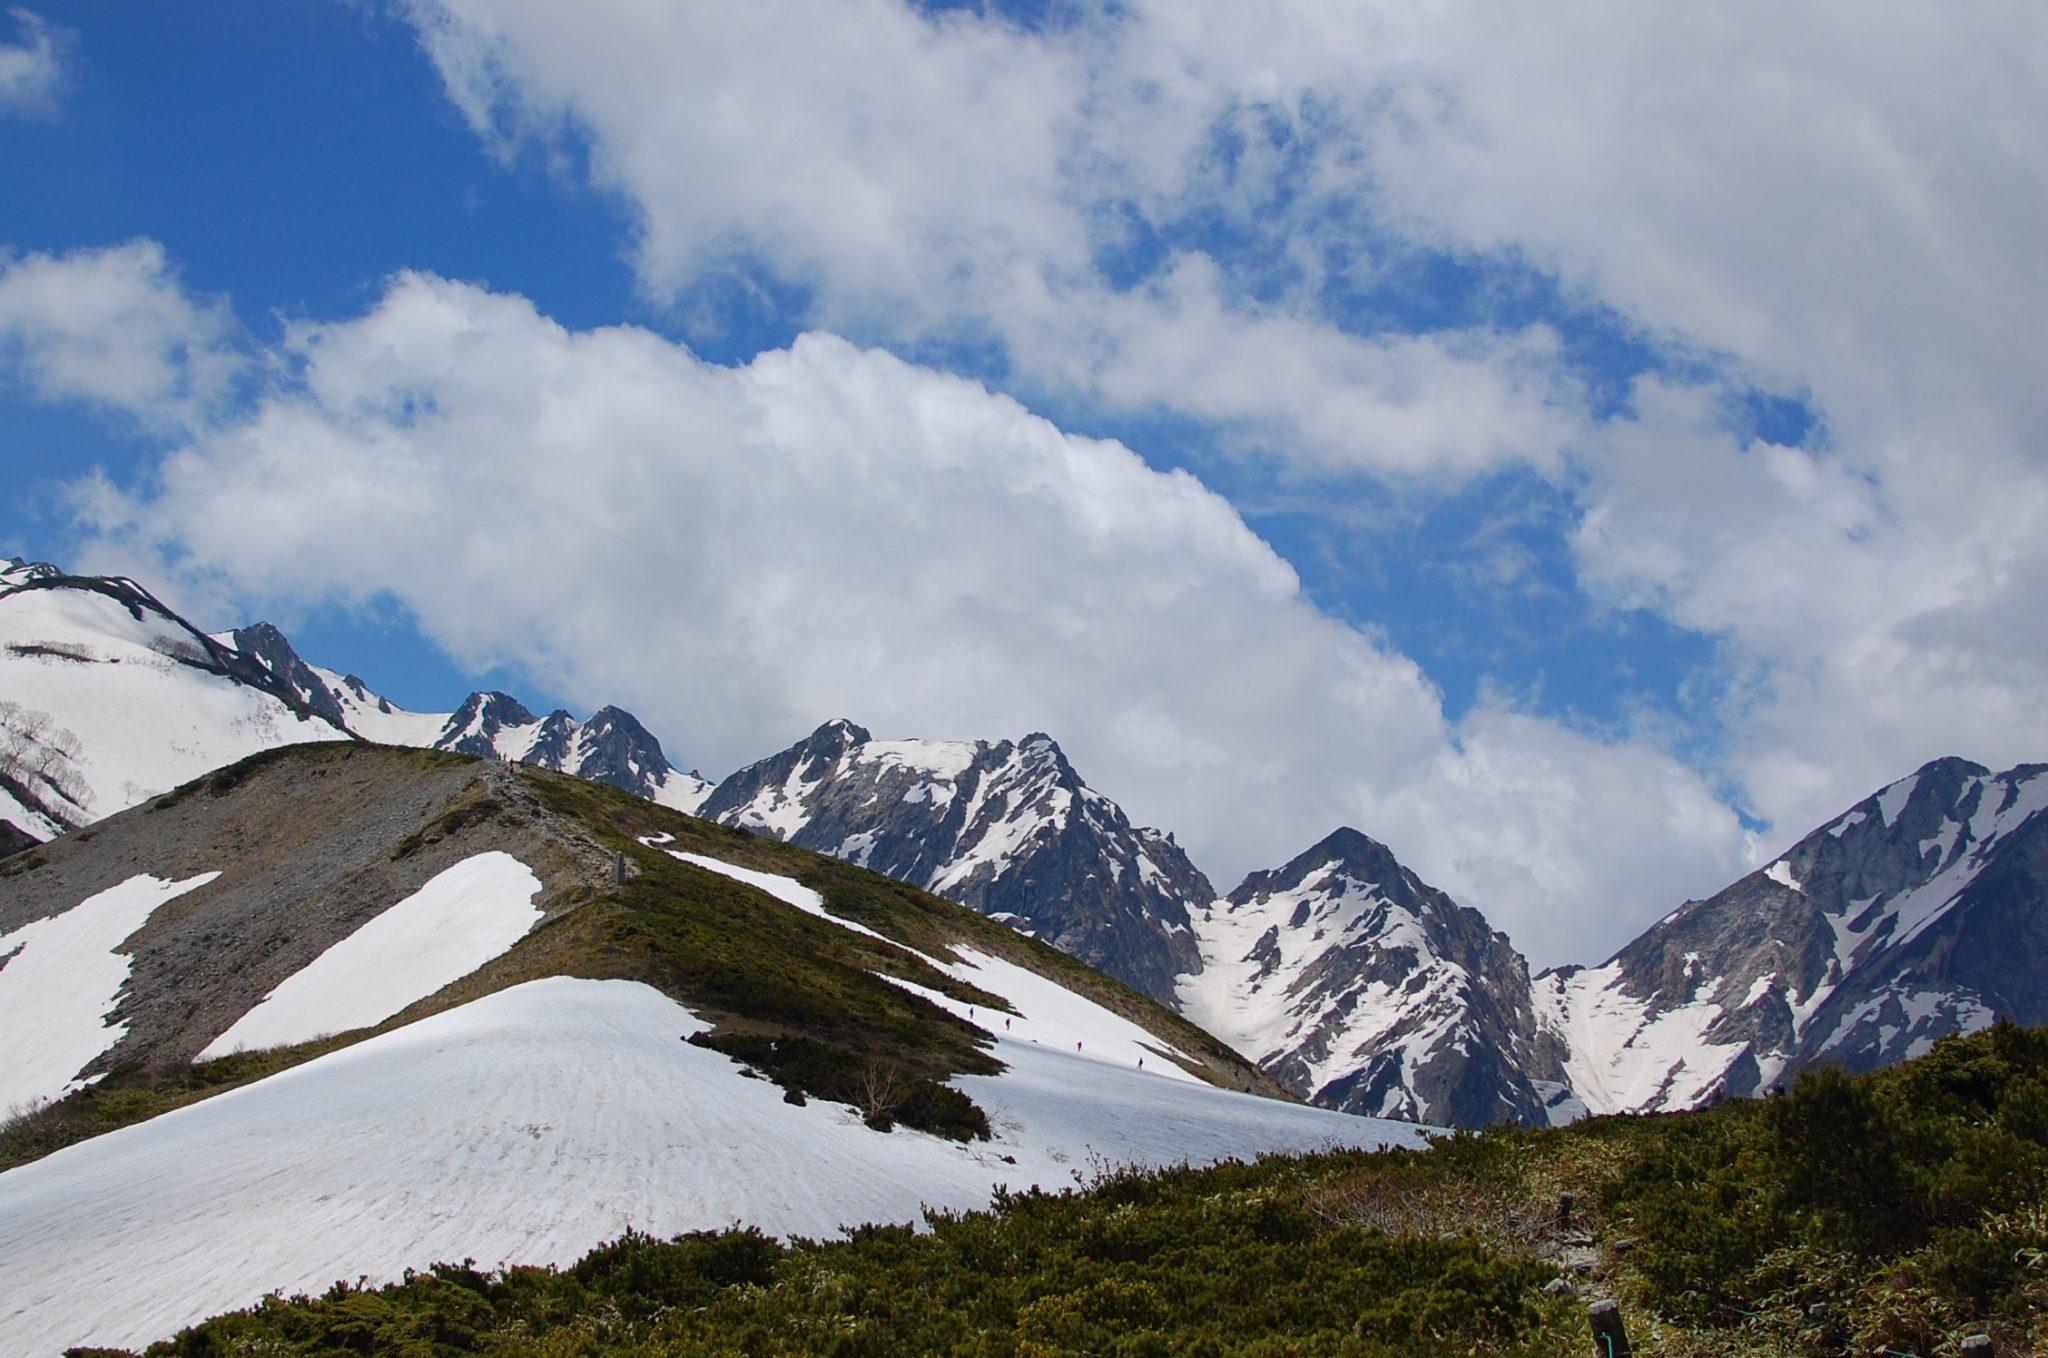 残雪と緑の山